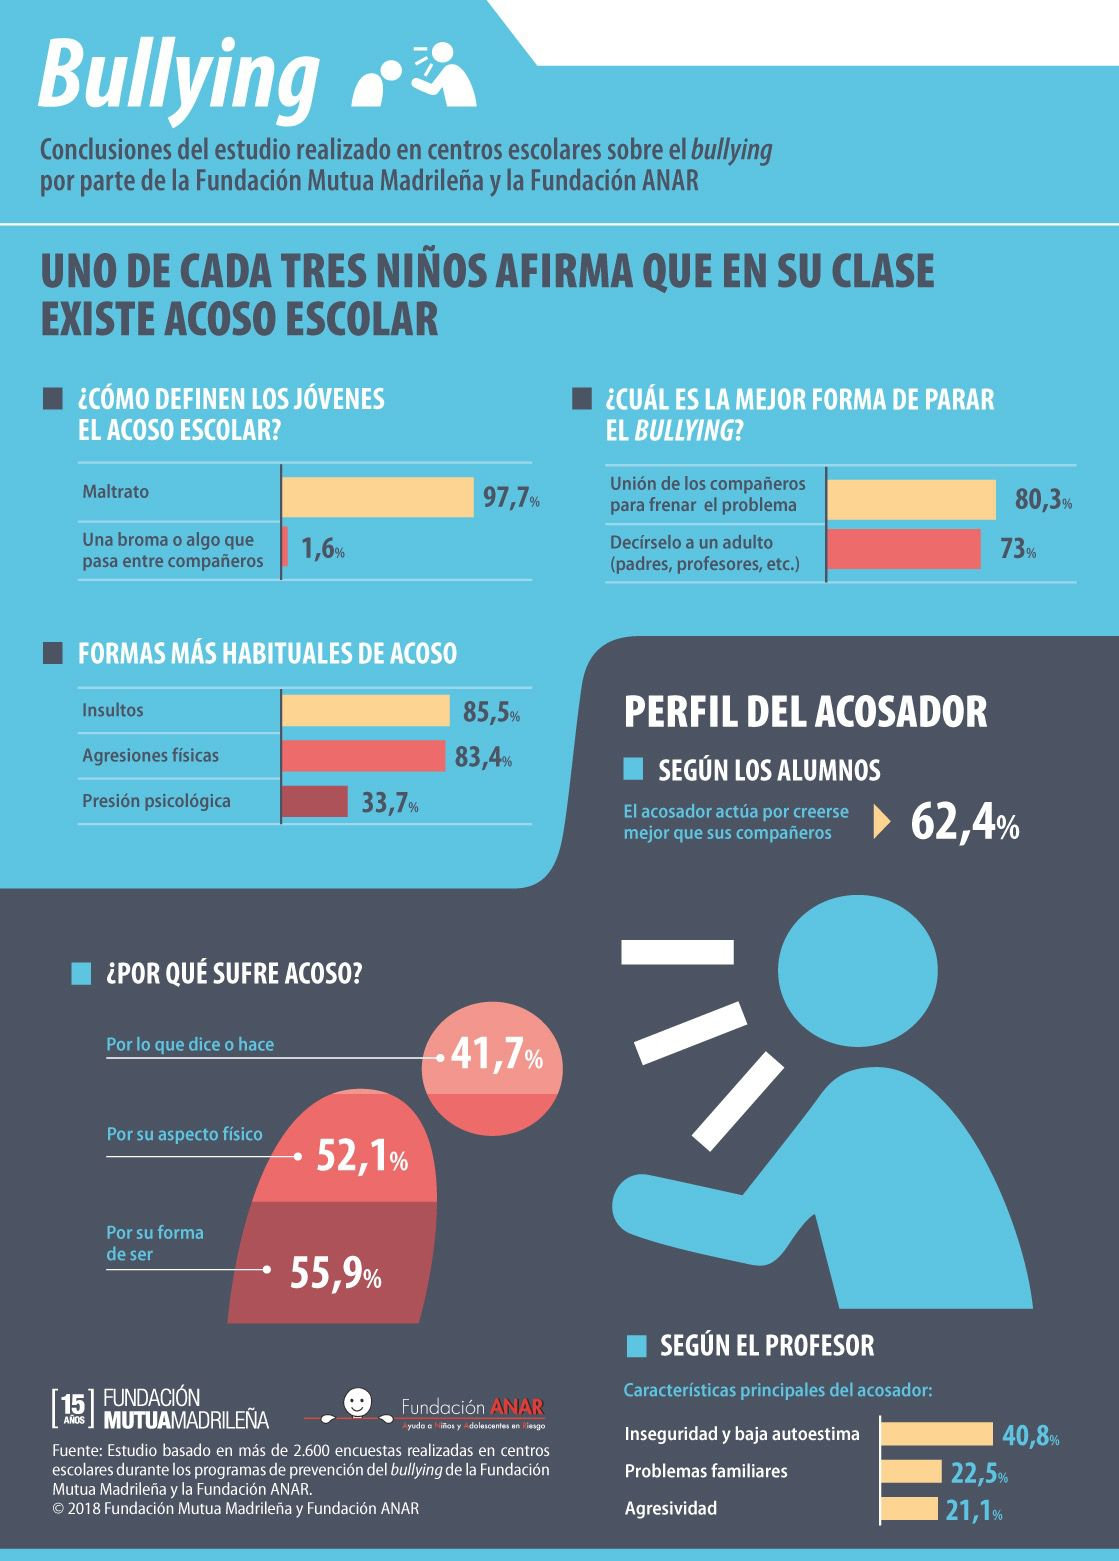 Acoso escolar. Campaña contra el bullying en escuelas (Foto: Fundación Mutua Madrileña)